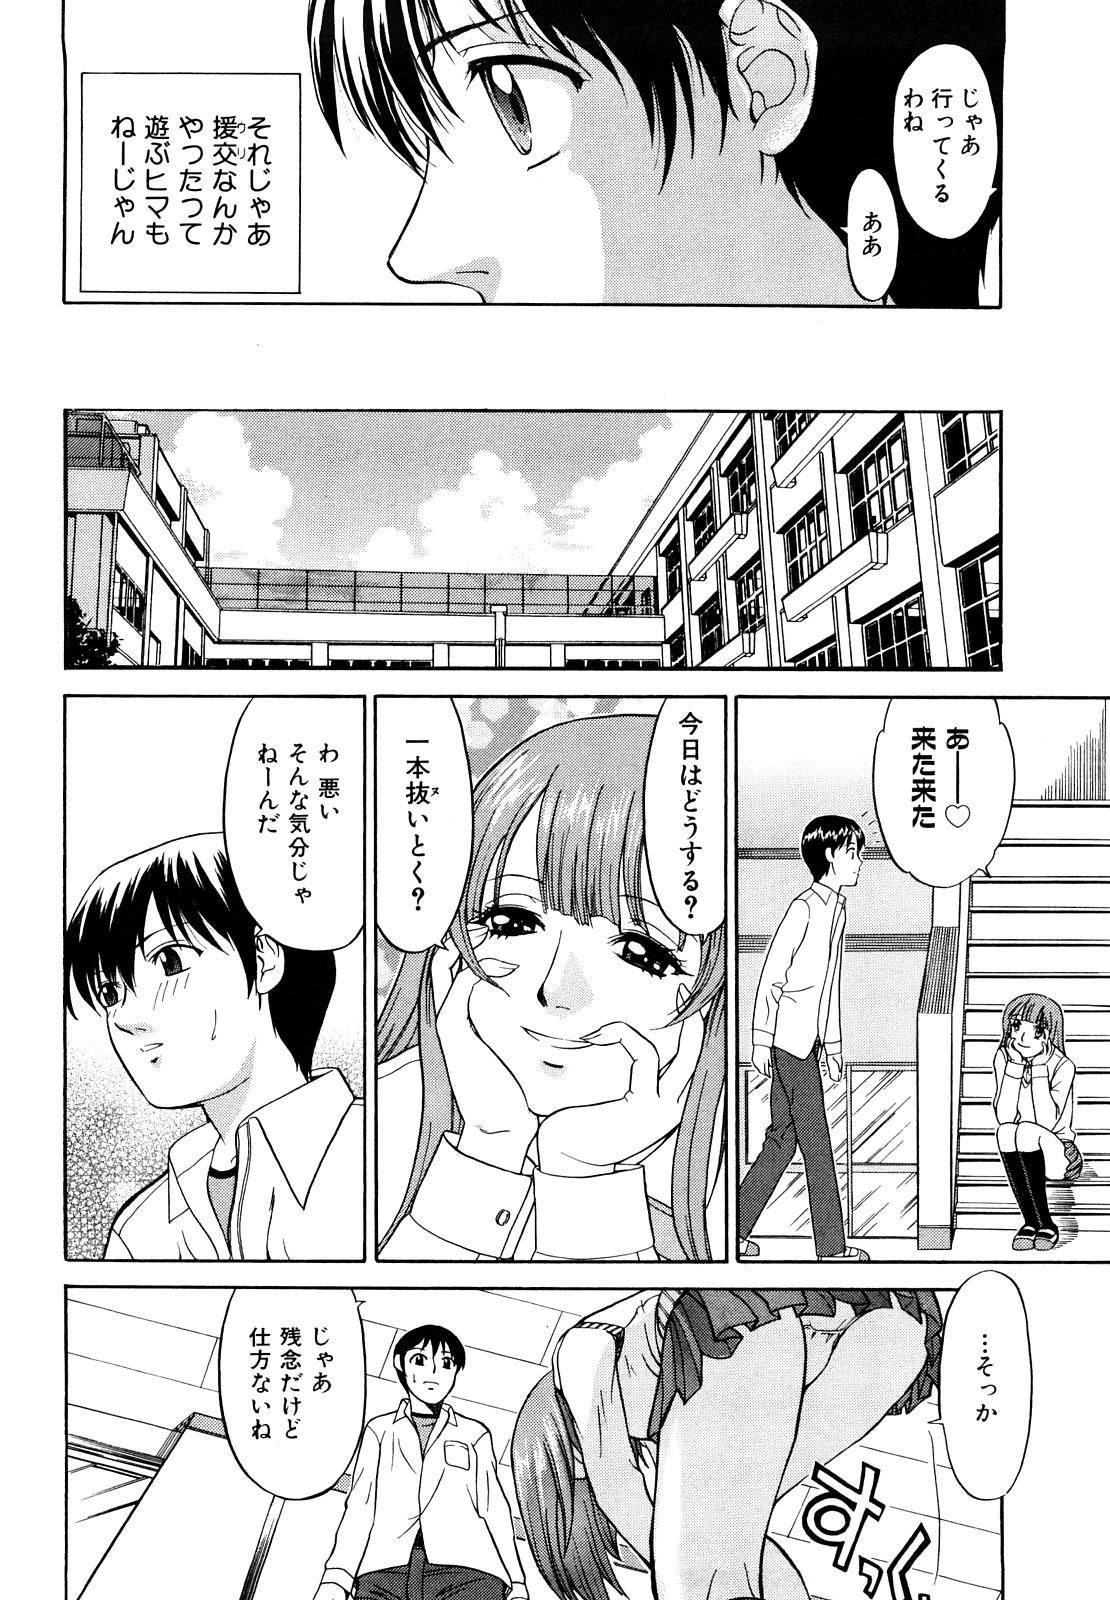 Kokuhaku no Katachi 11